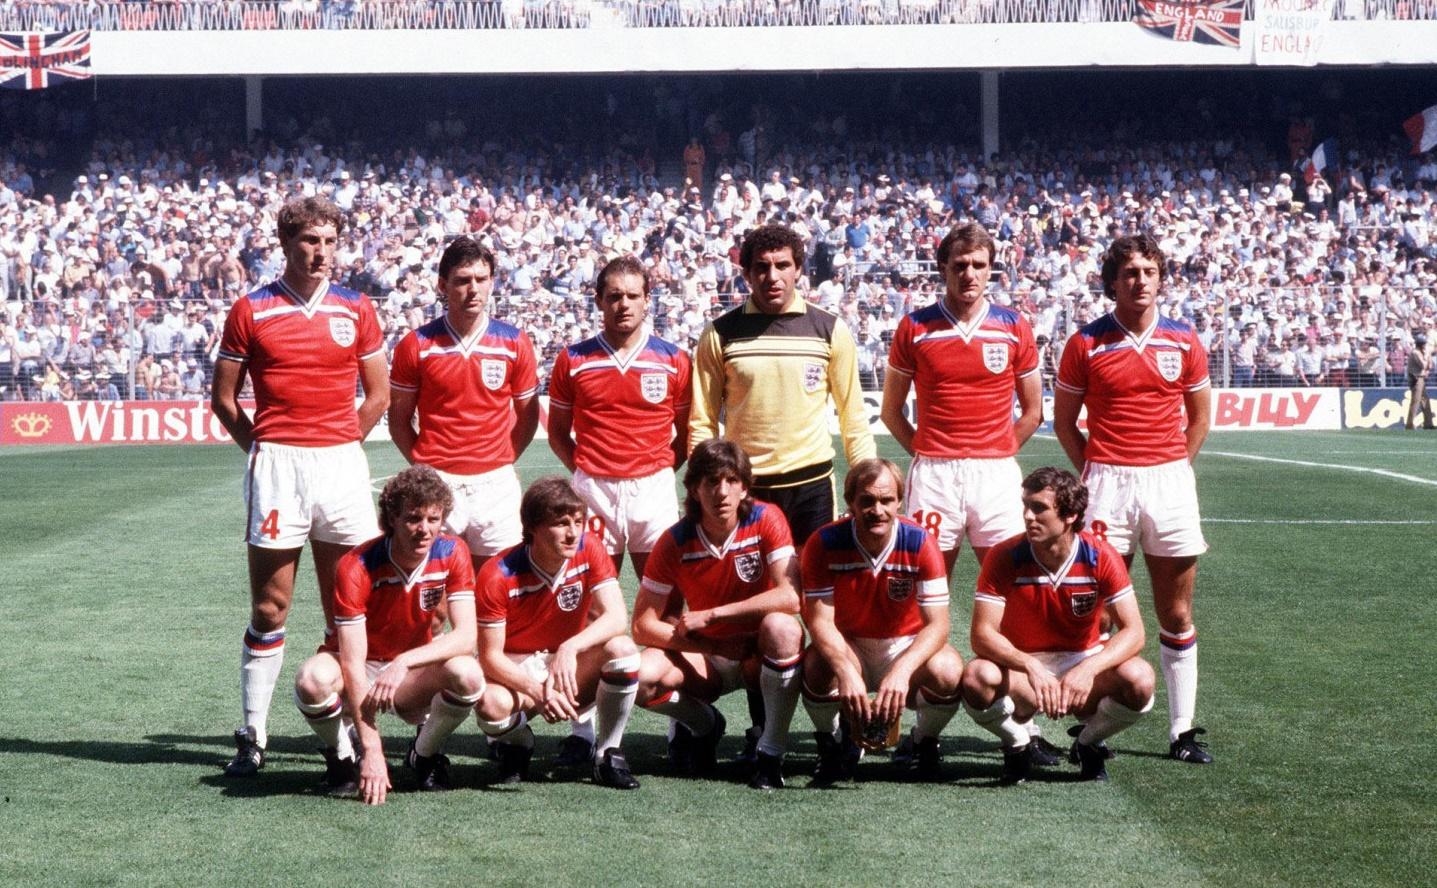 wchd-1982-england-team